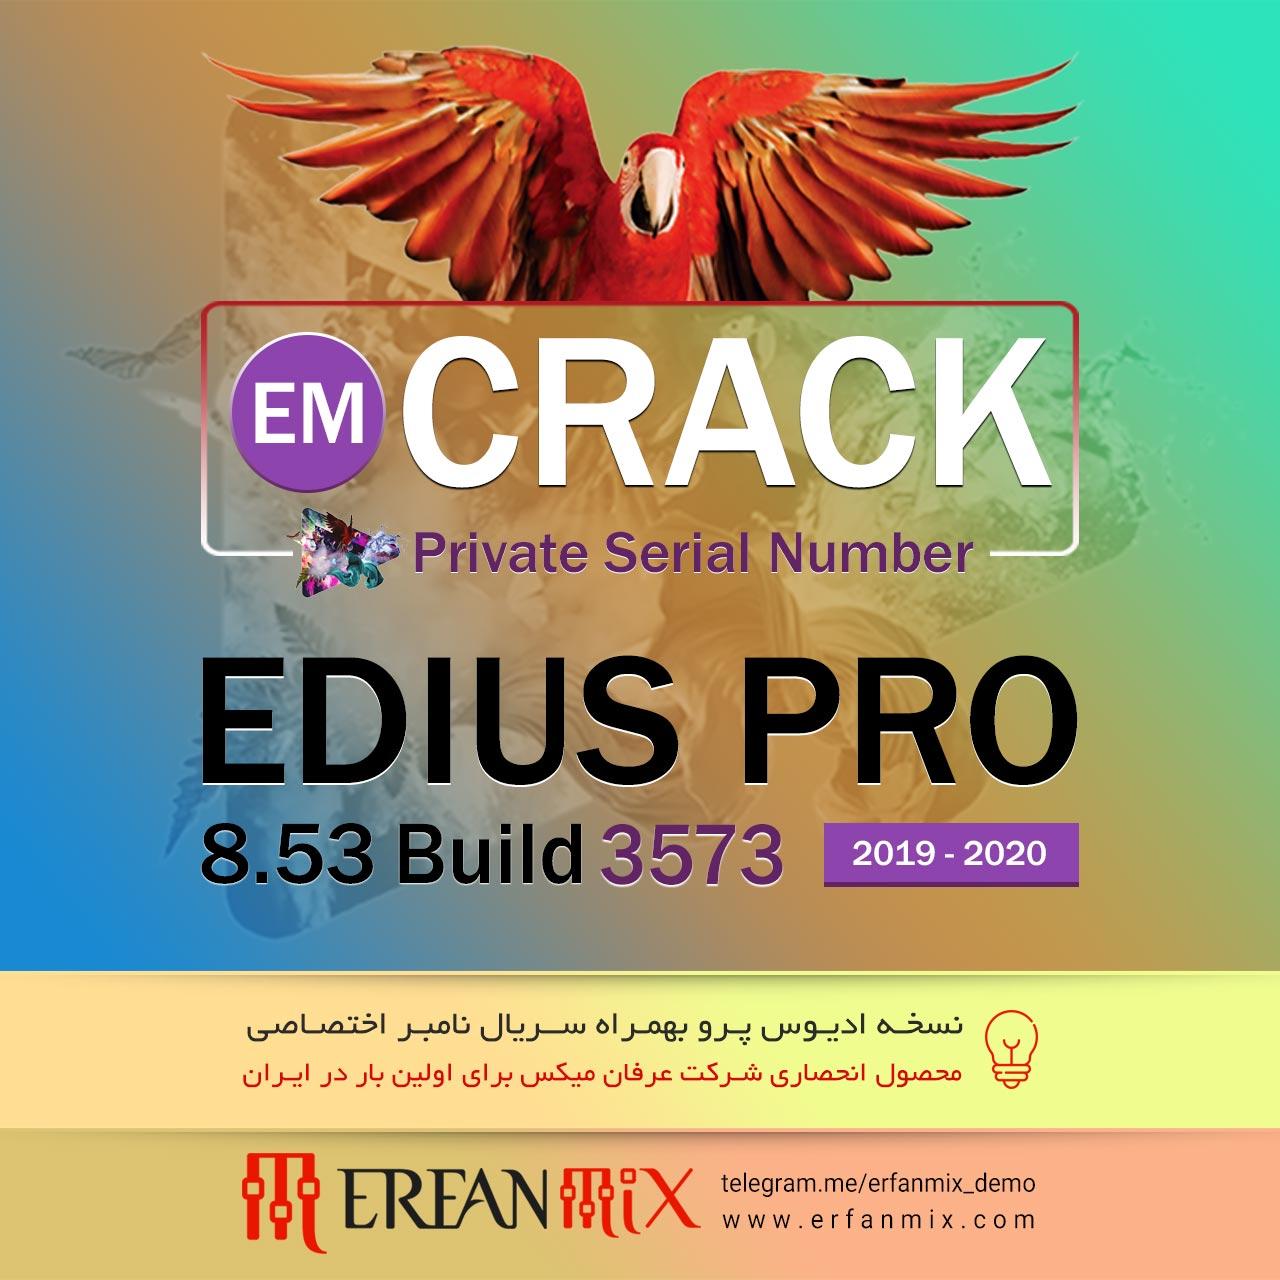 کرک جدید ادیوس + سرال نامبر اختصاصی Edius 8.53 Build 3573-2019